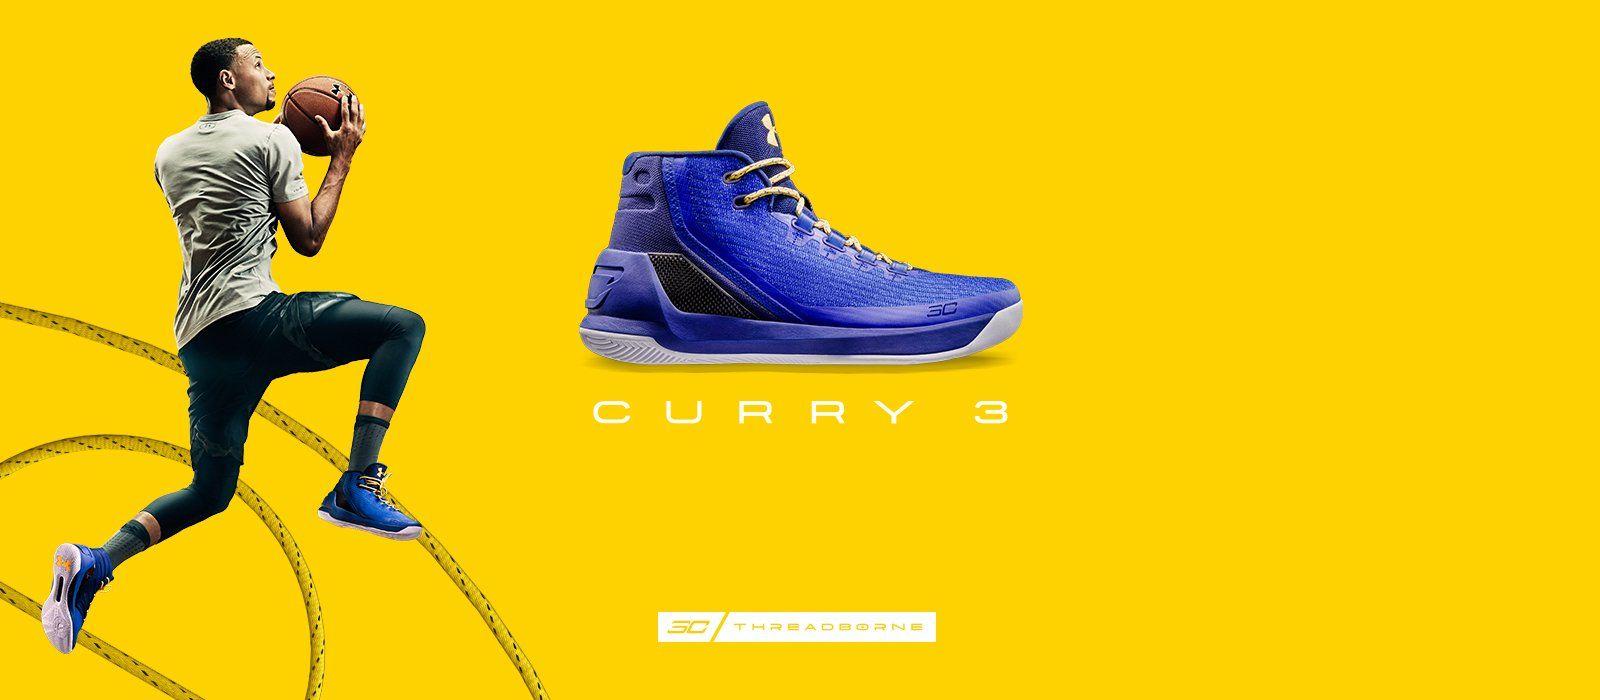 161025_prm_curry3_dt_intl